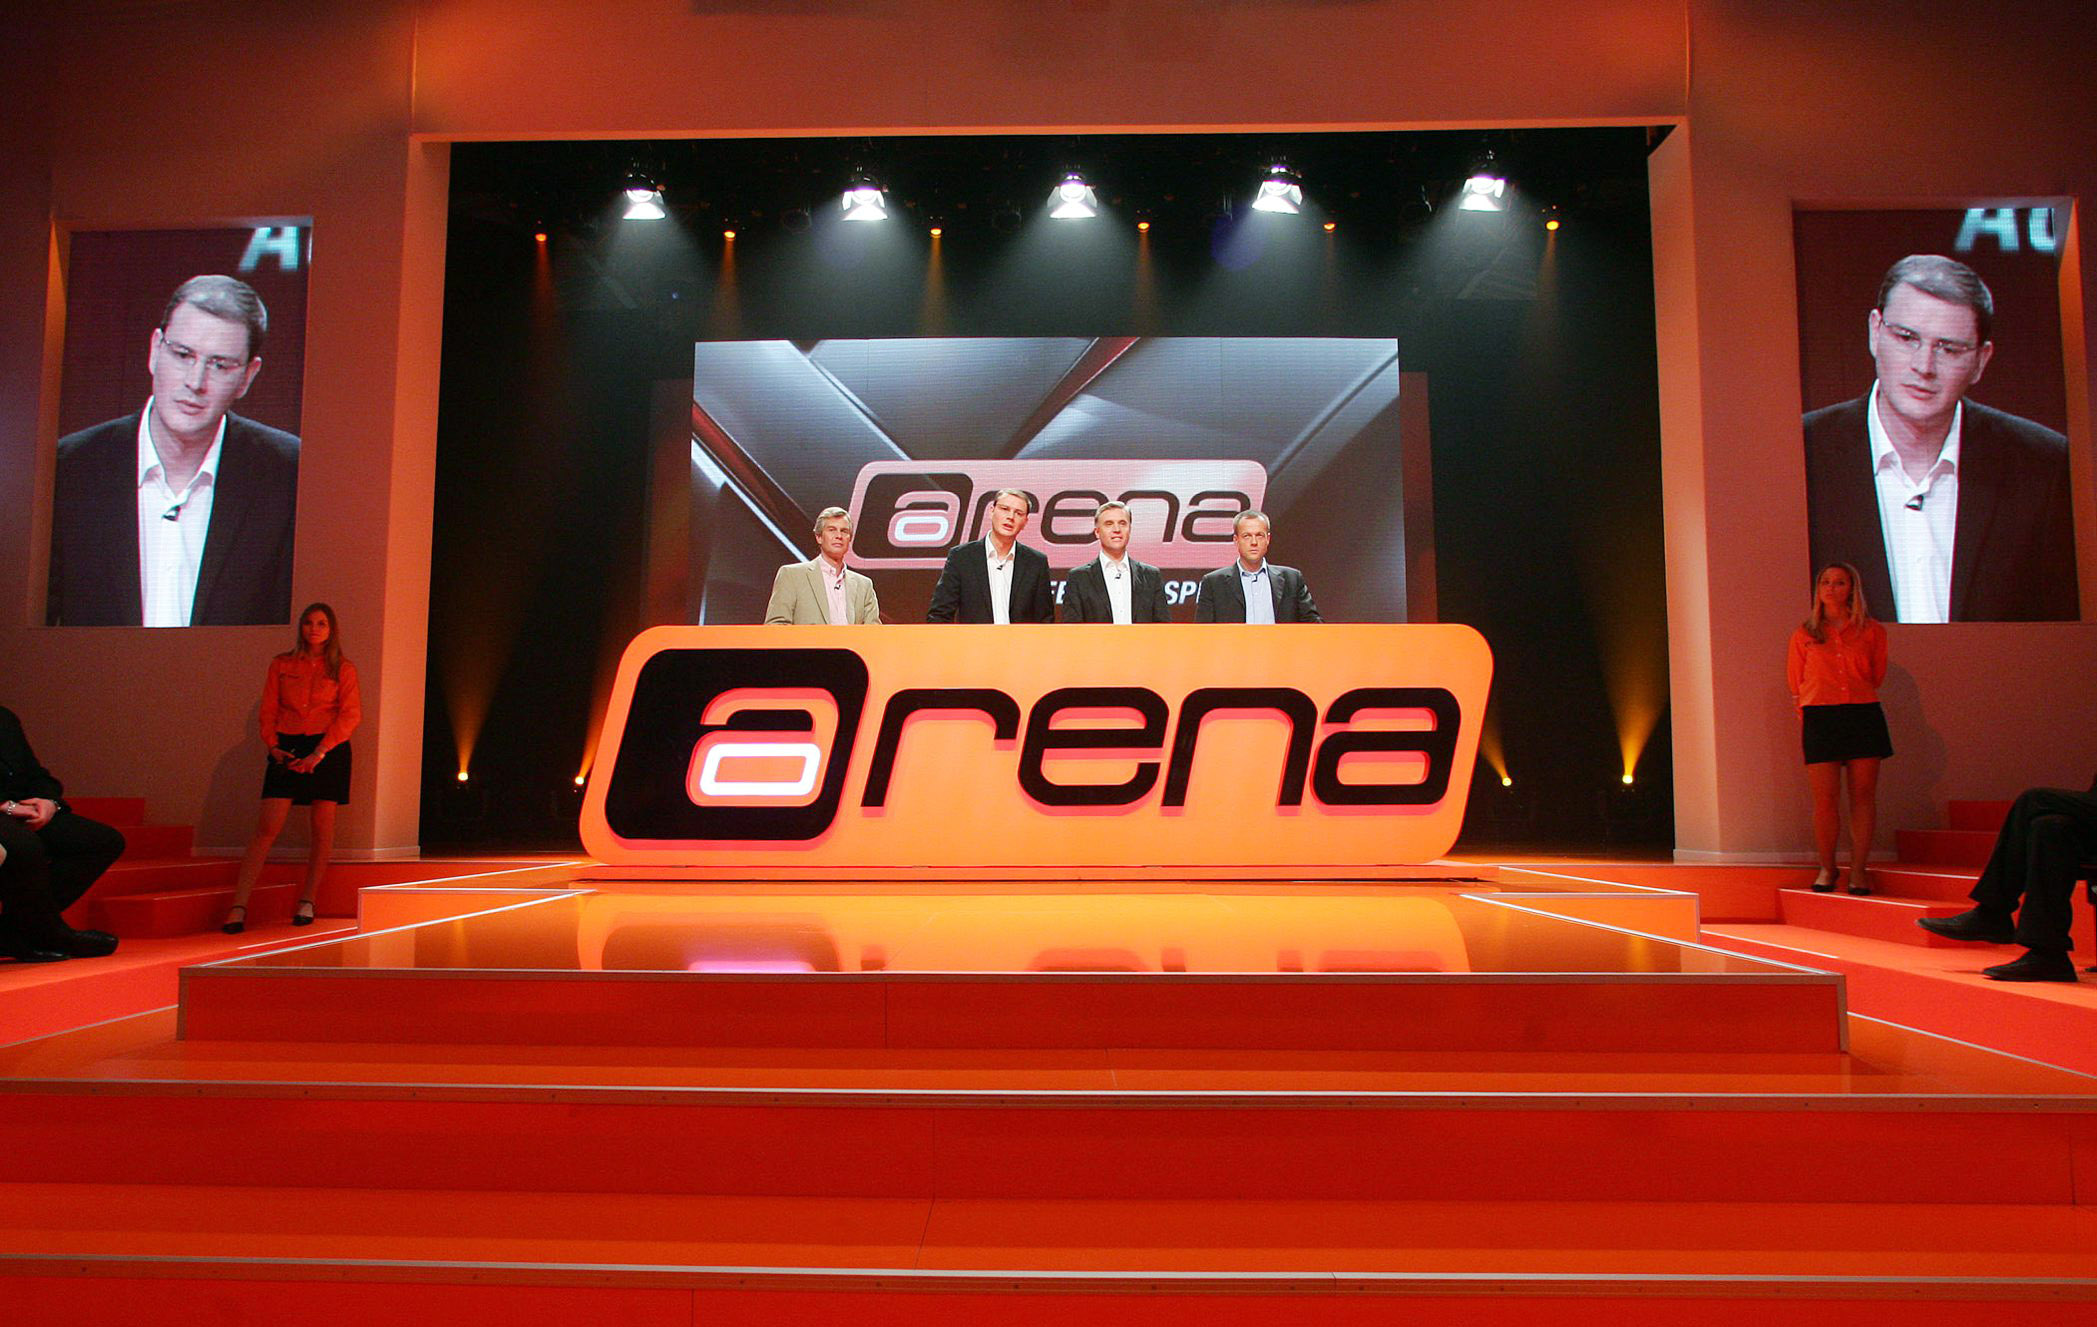 """<a href="""" https://dejanjocic.com/arena-tv-unitymedia/"""">Arena TV/Unitymedia (2006-2007) </a>"""